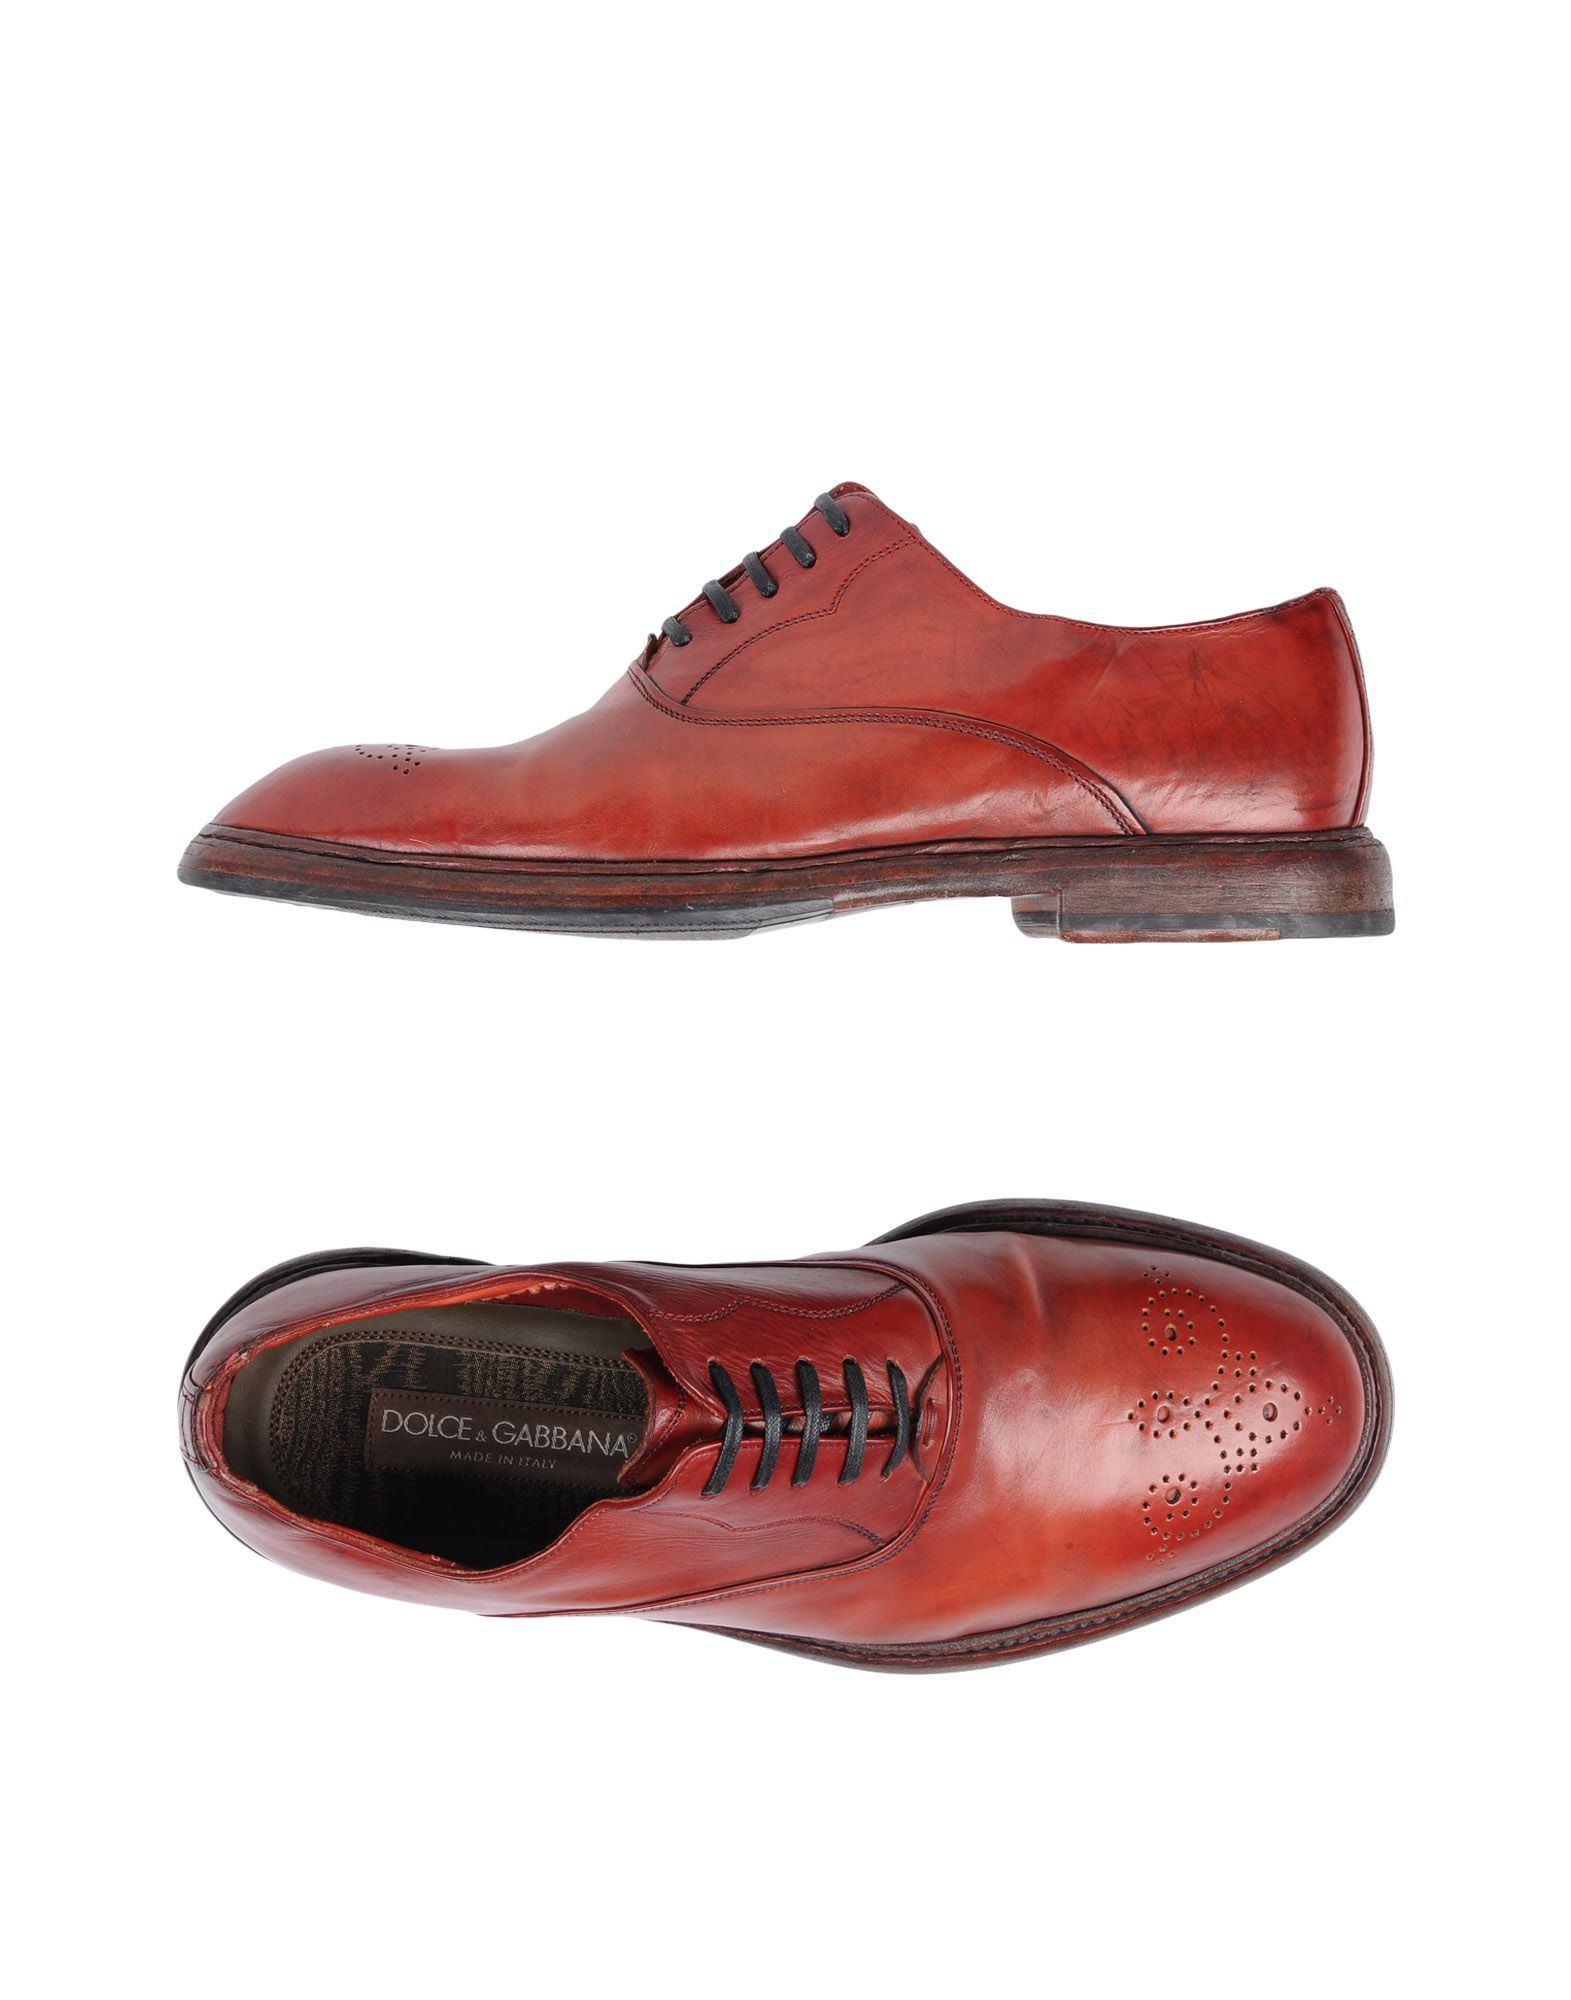 Dolce & Gabbana Schnürschuhe Herren  11049138ES Gute Qualität beliebte Schuhe